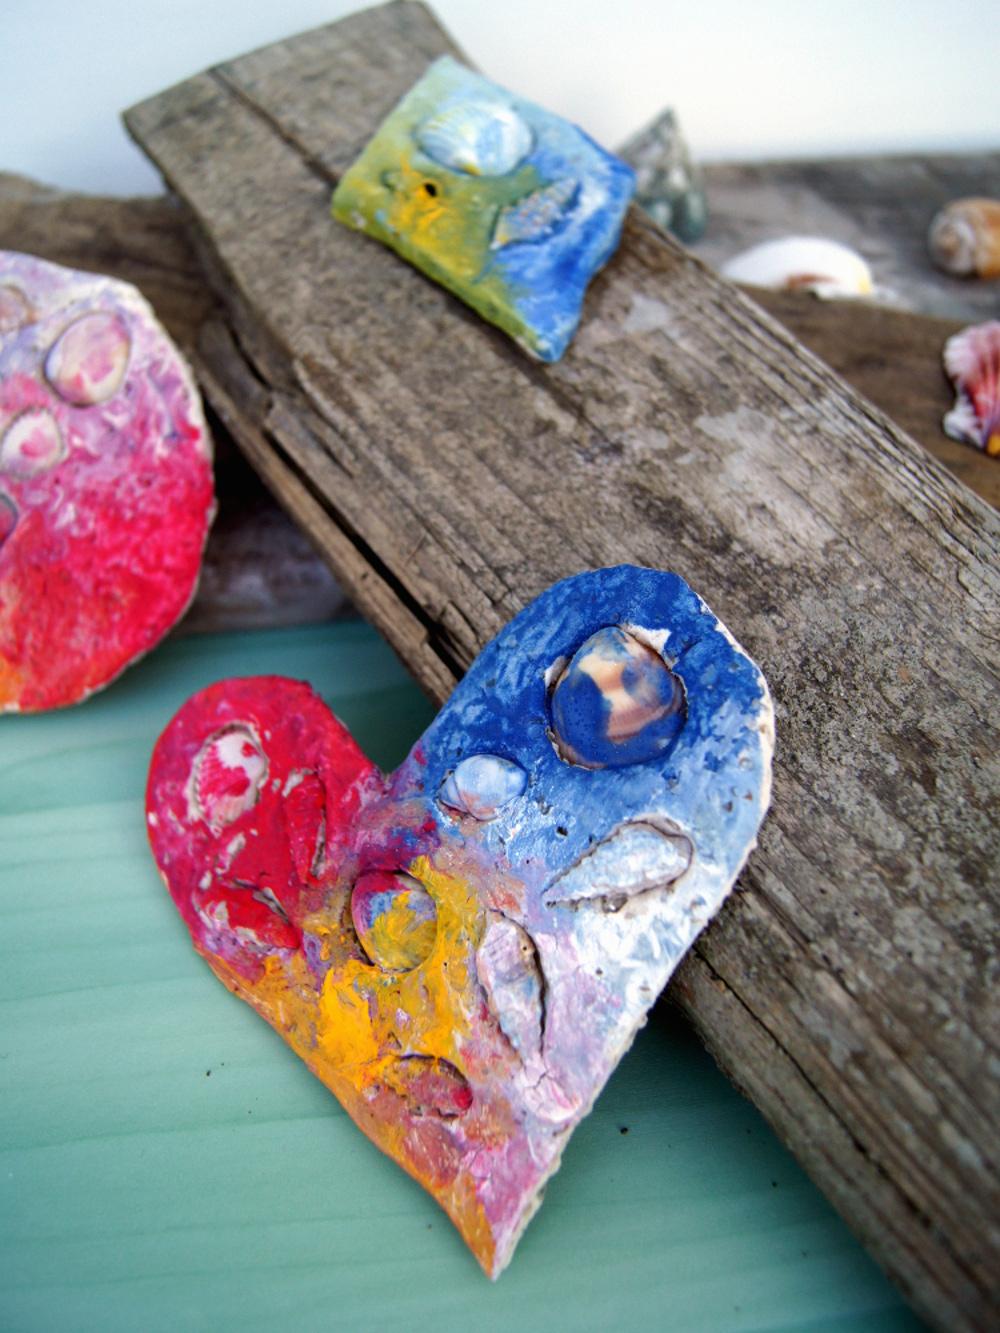 Basteln mit Kindern - Salzteig mit Muscheln verzieren und farbig bemalen. | von Fantasiewerk